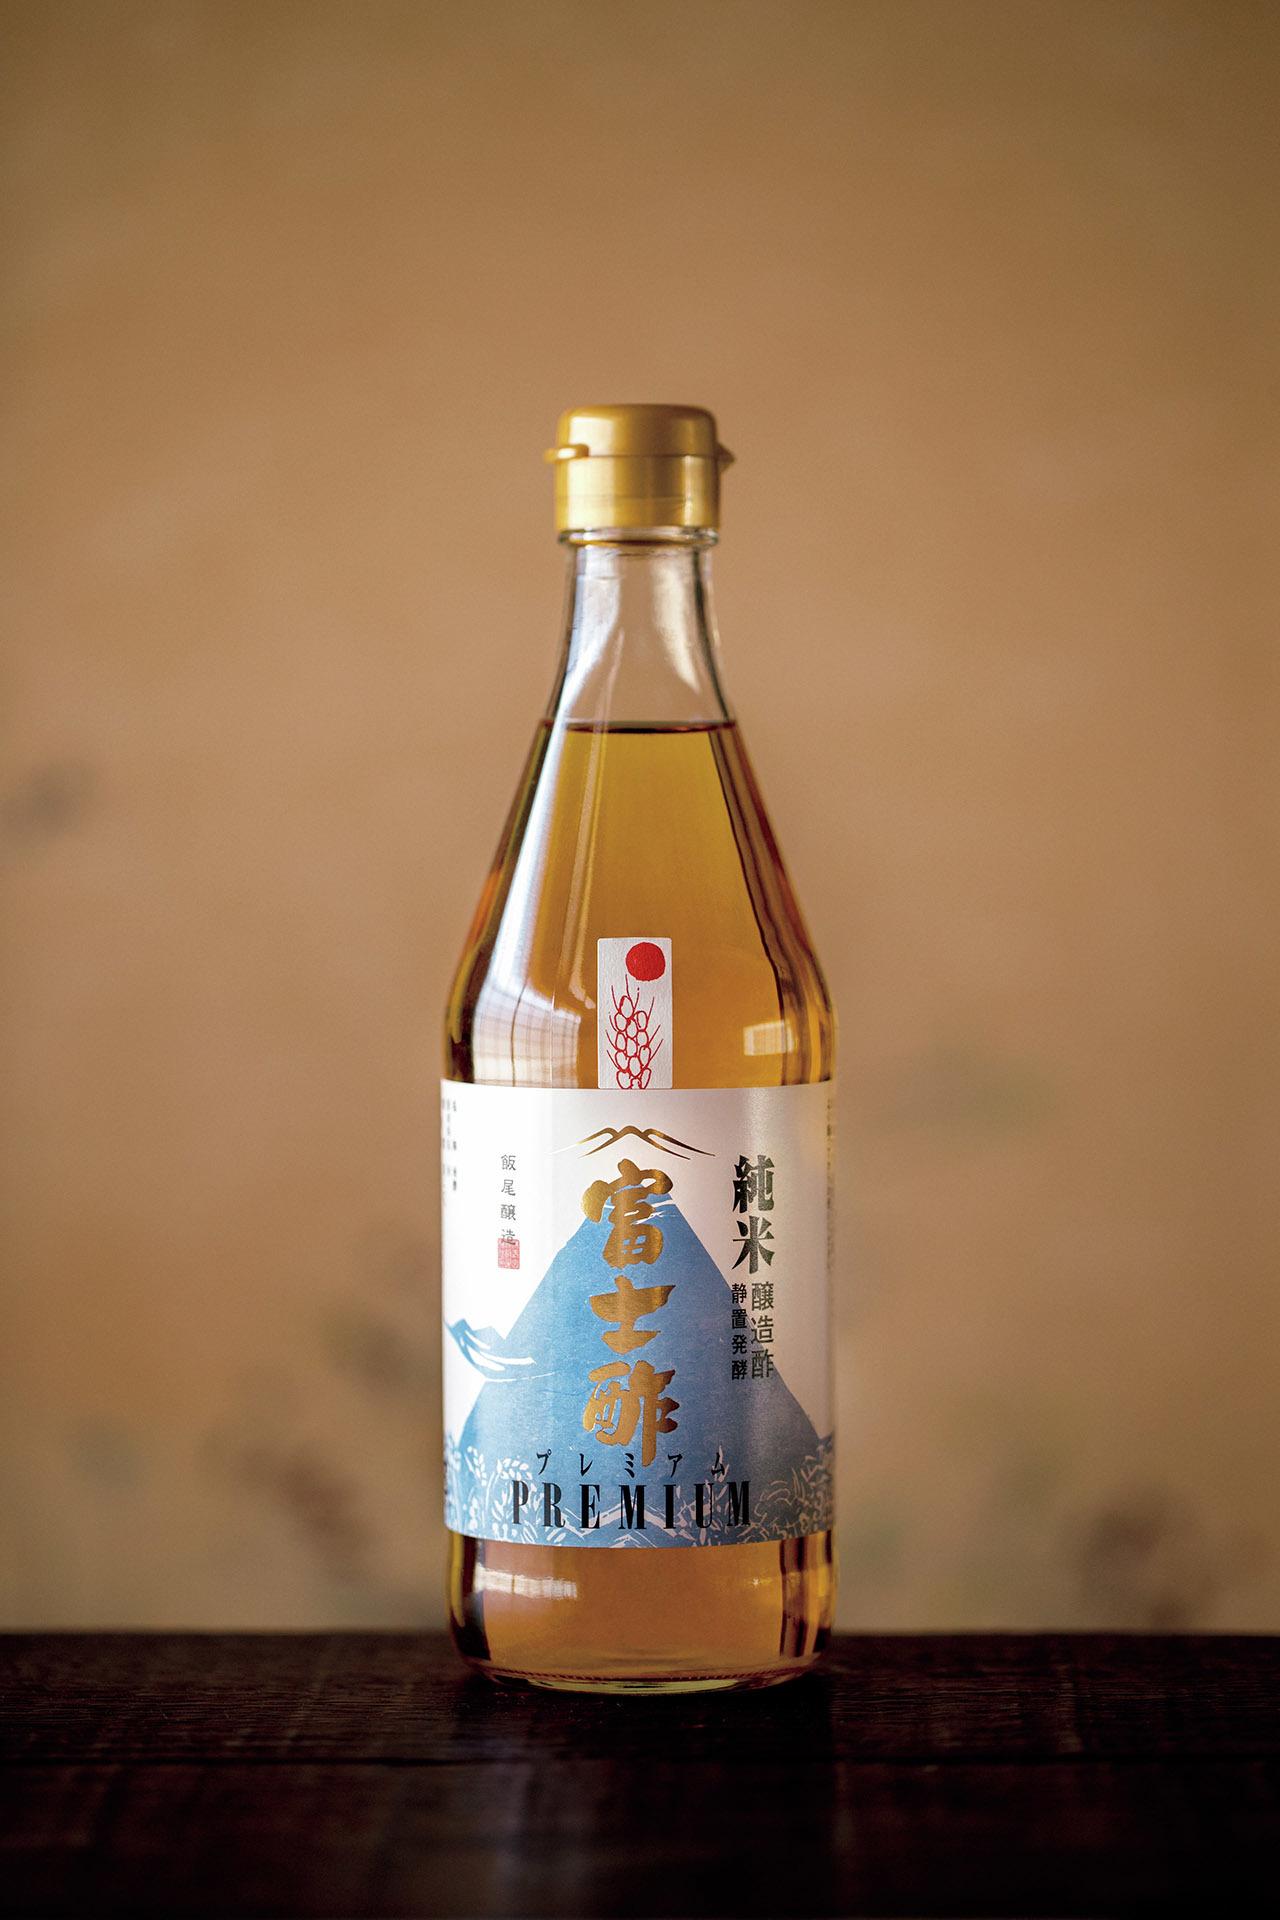 日本有数の「パワー」と「おいしい」を求めて。狐野扶実子、海の京都「丹後」へ 五選_1_2-2